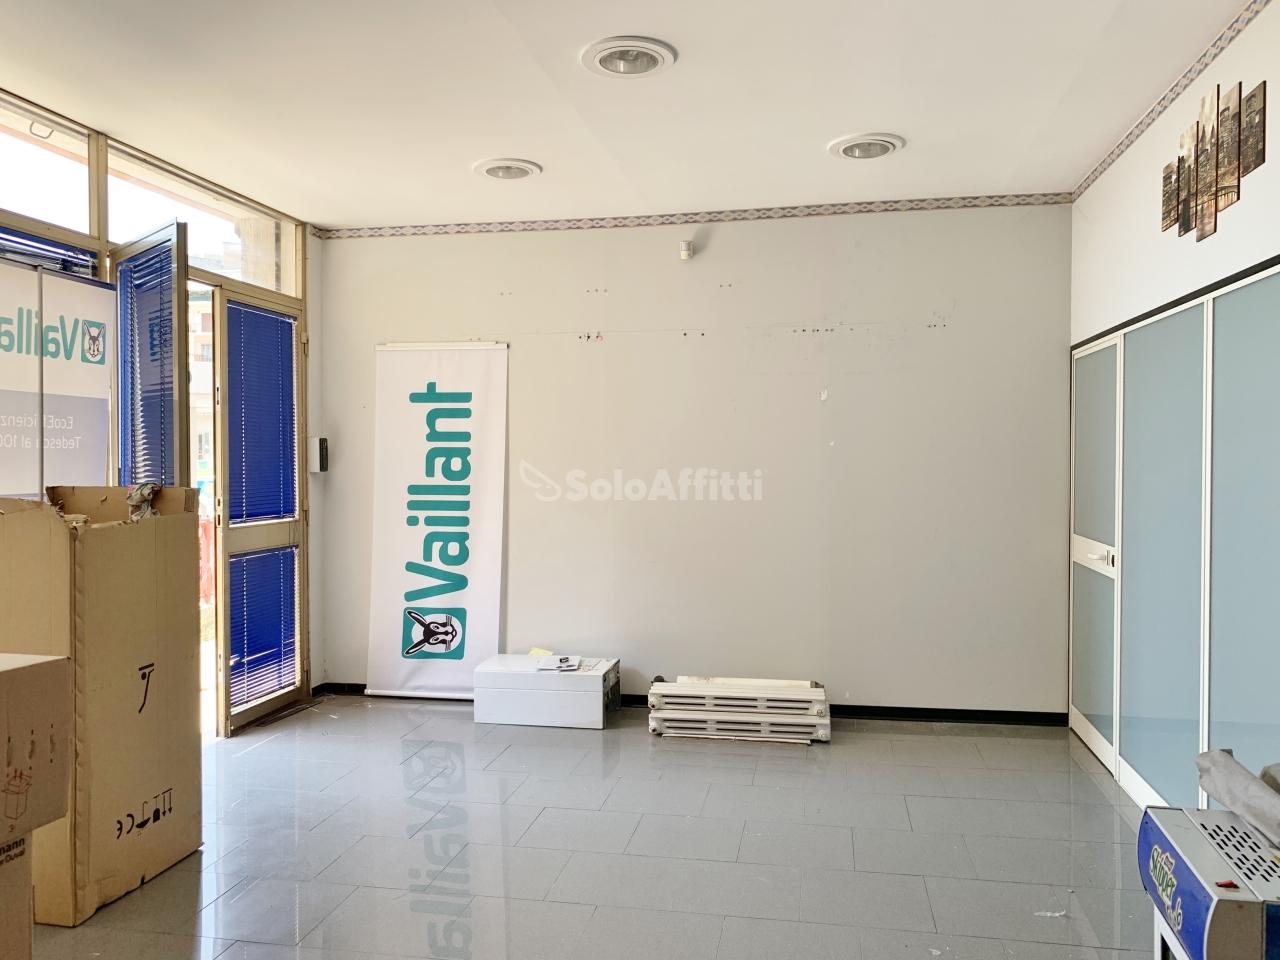 Fondo/negozio - 2 vetrine/luci a Rione De Filippis, Catanzaro Rif. 10589593